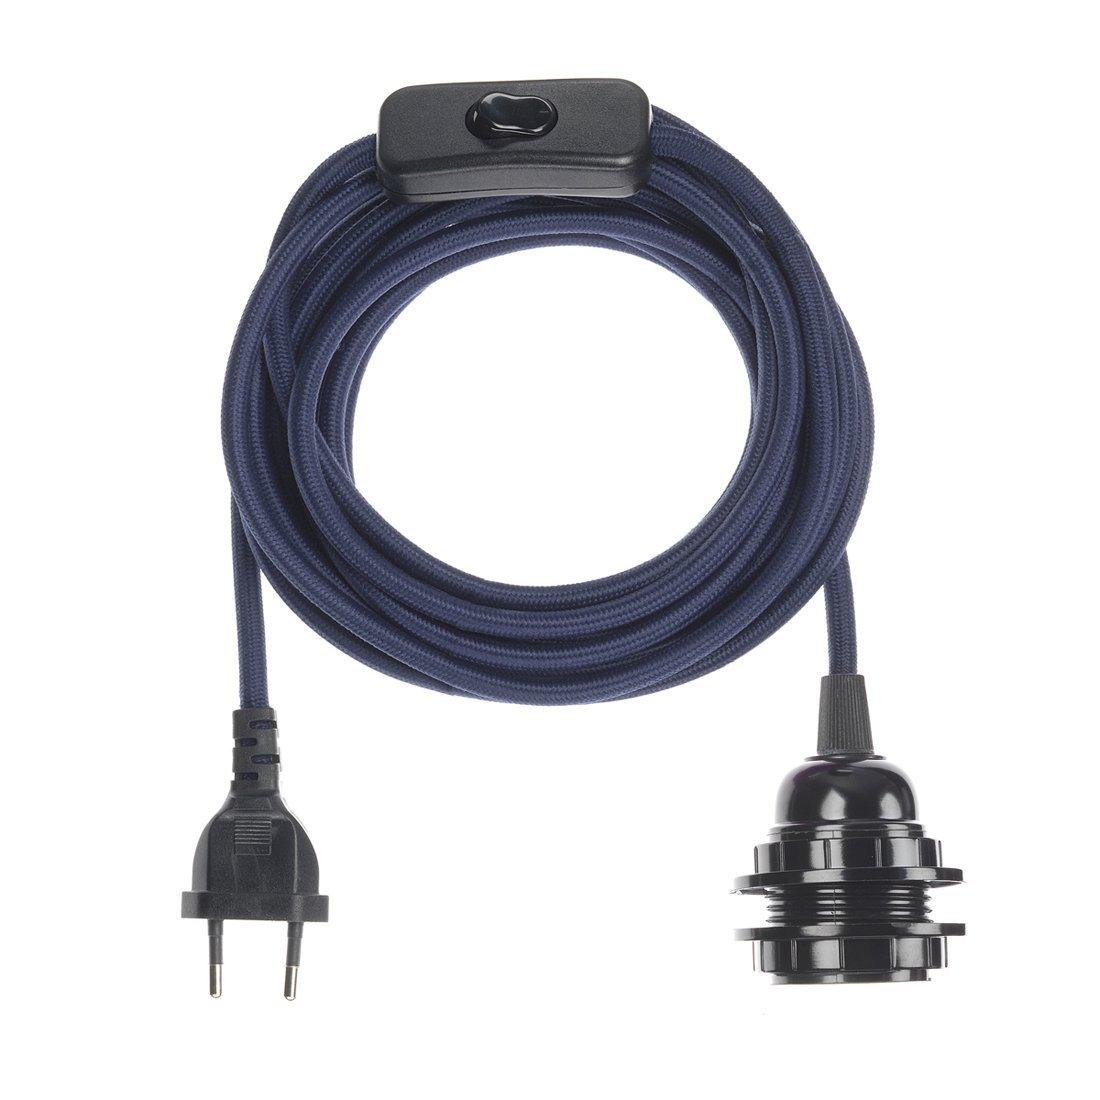 Fil électrique en tissu luminaire bleu marine 4,5m